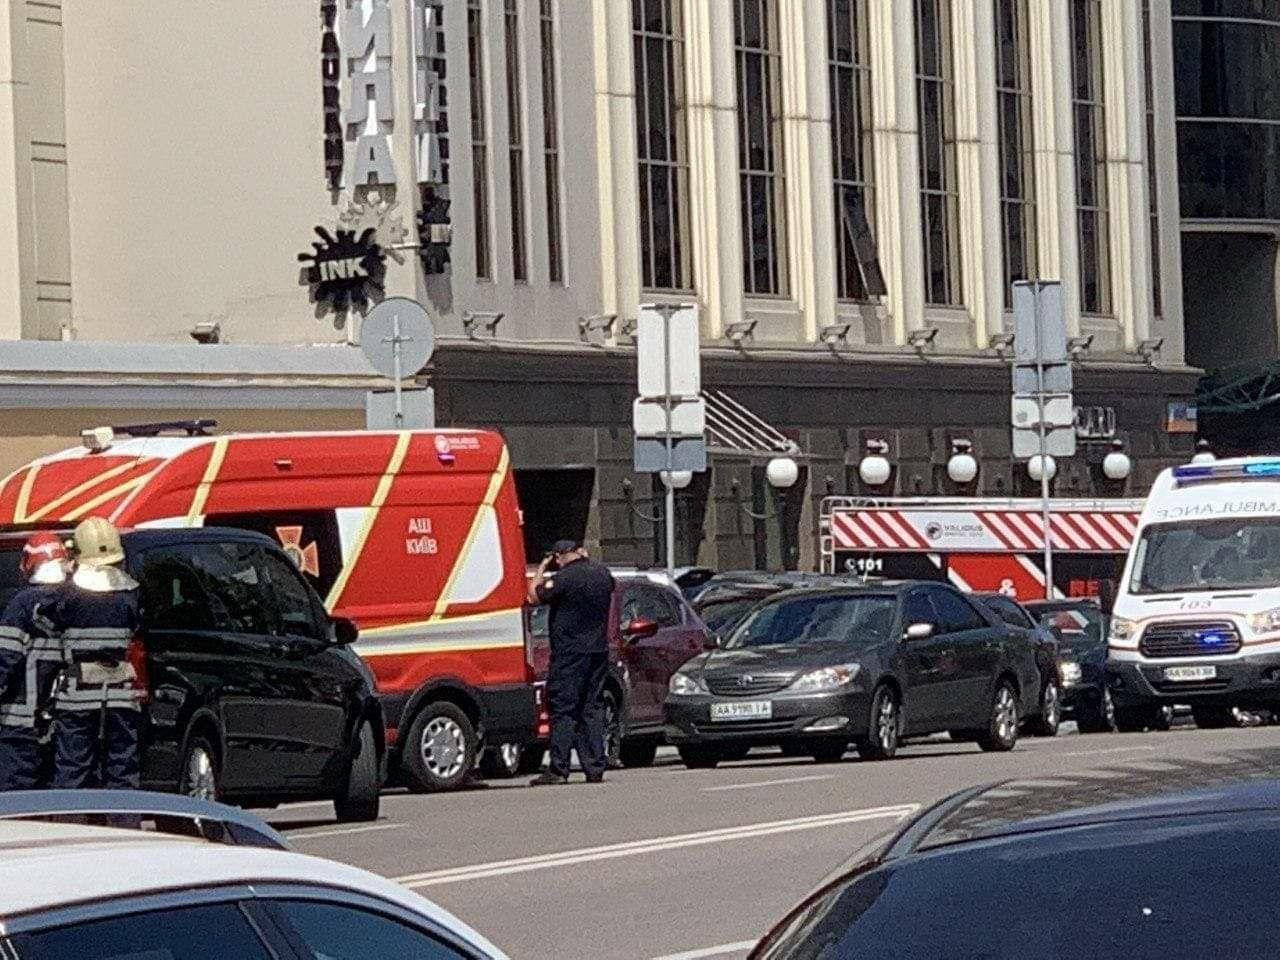 Київський терорист заявив, що вибухівка здетонує навіть в разі його смерті - Терорист, Київ, банк - IMG 20200803 142823 395